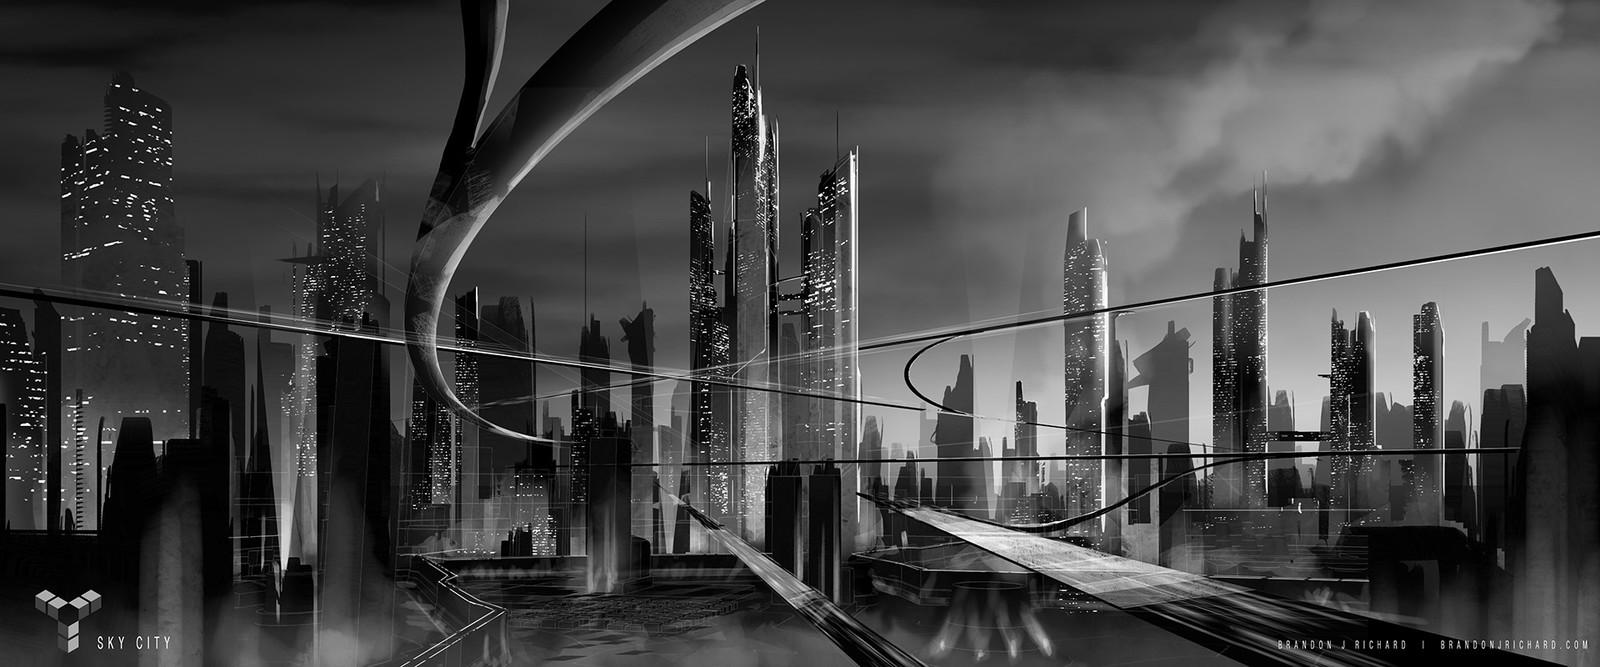 Sky City Concept 2